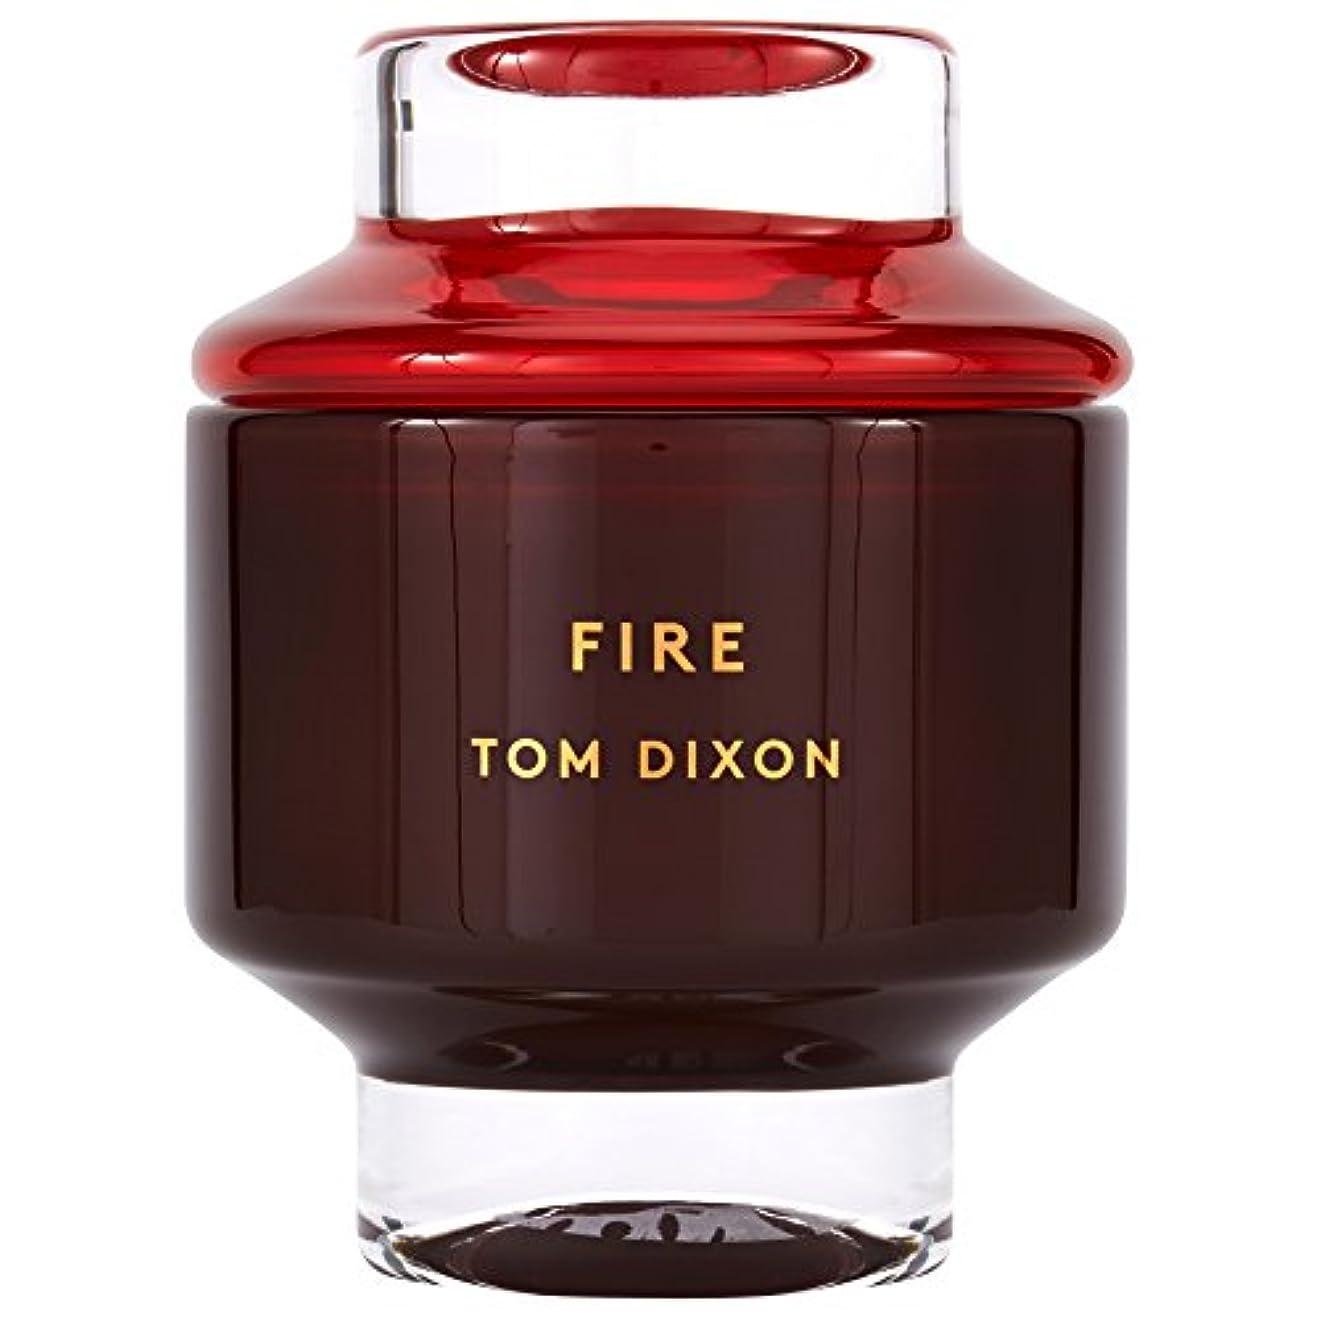 ポークコア休暇Tom Dixon Fire Scented Candle Large (Pack of 2) - トム?ディクソン火災大型香りのキャンドル x2 [並行輸入品]